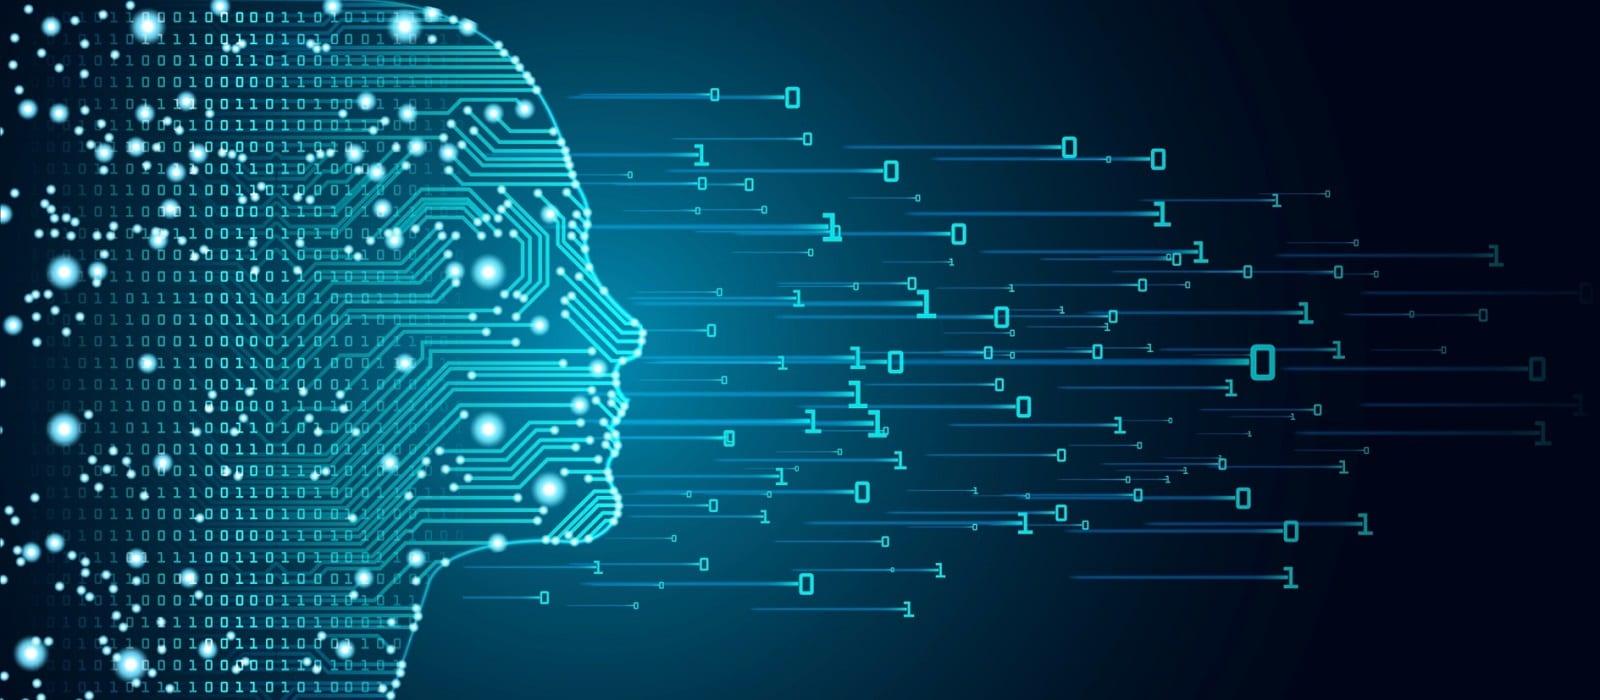 bigdata-analytics-AI